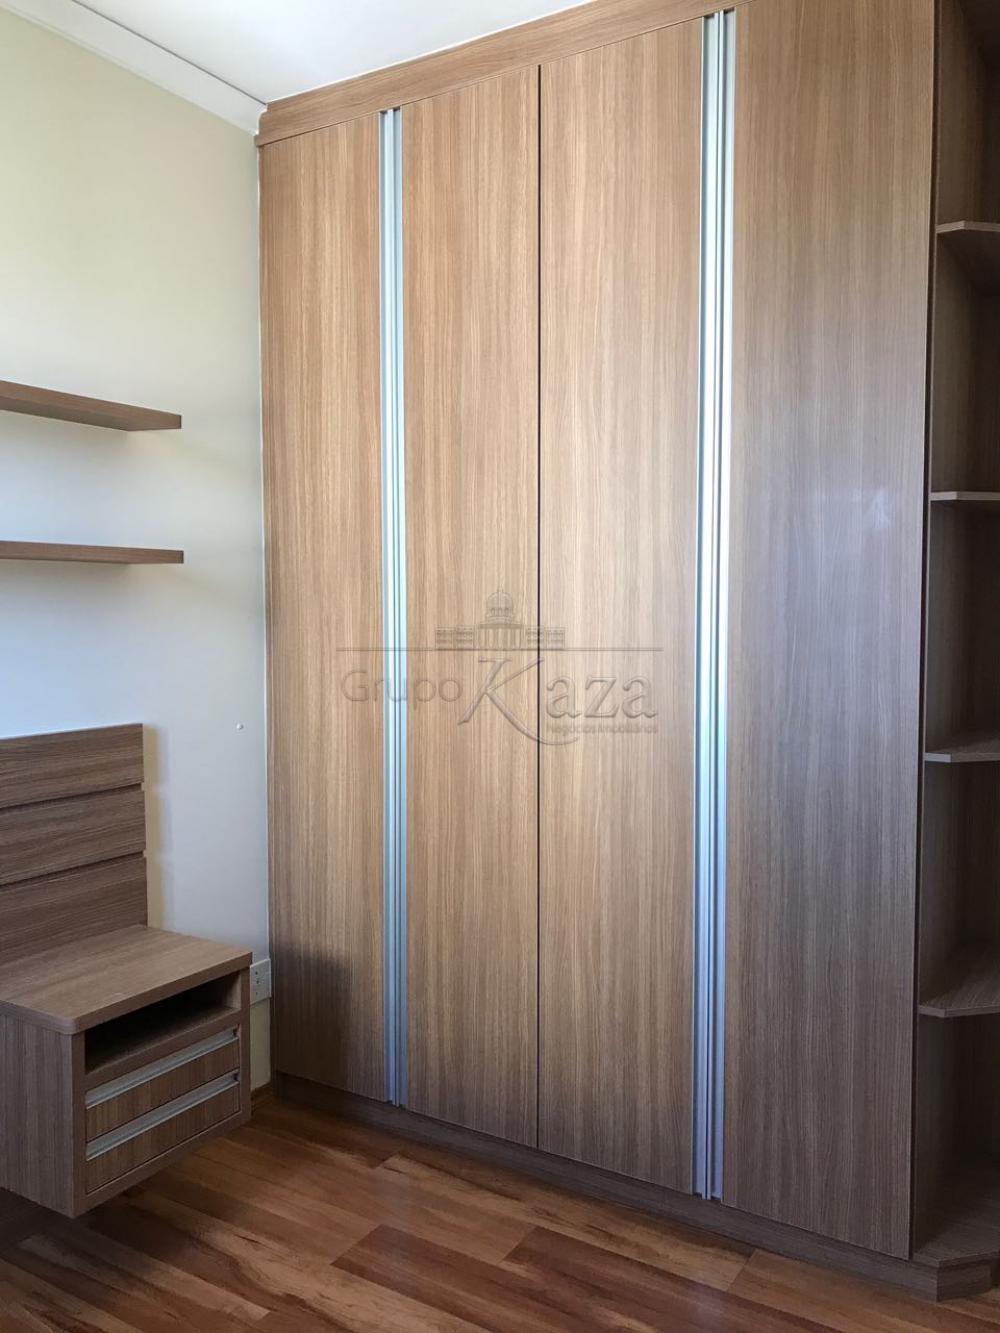 Alugar Apartamento / Padrão em São José dos Campos apenas R$ 900,00 - Foto 16